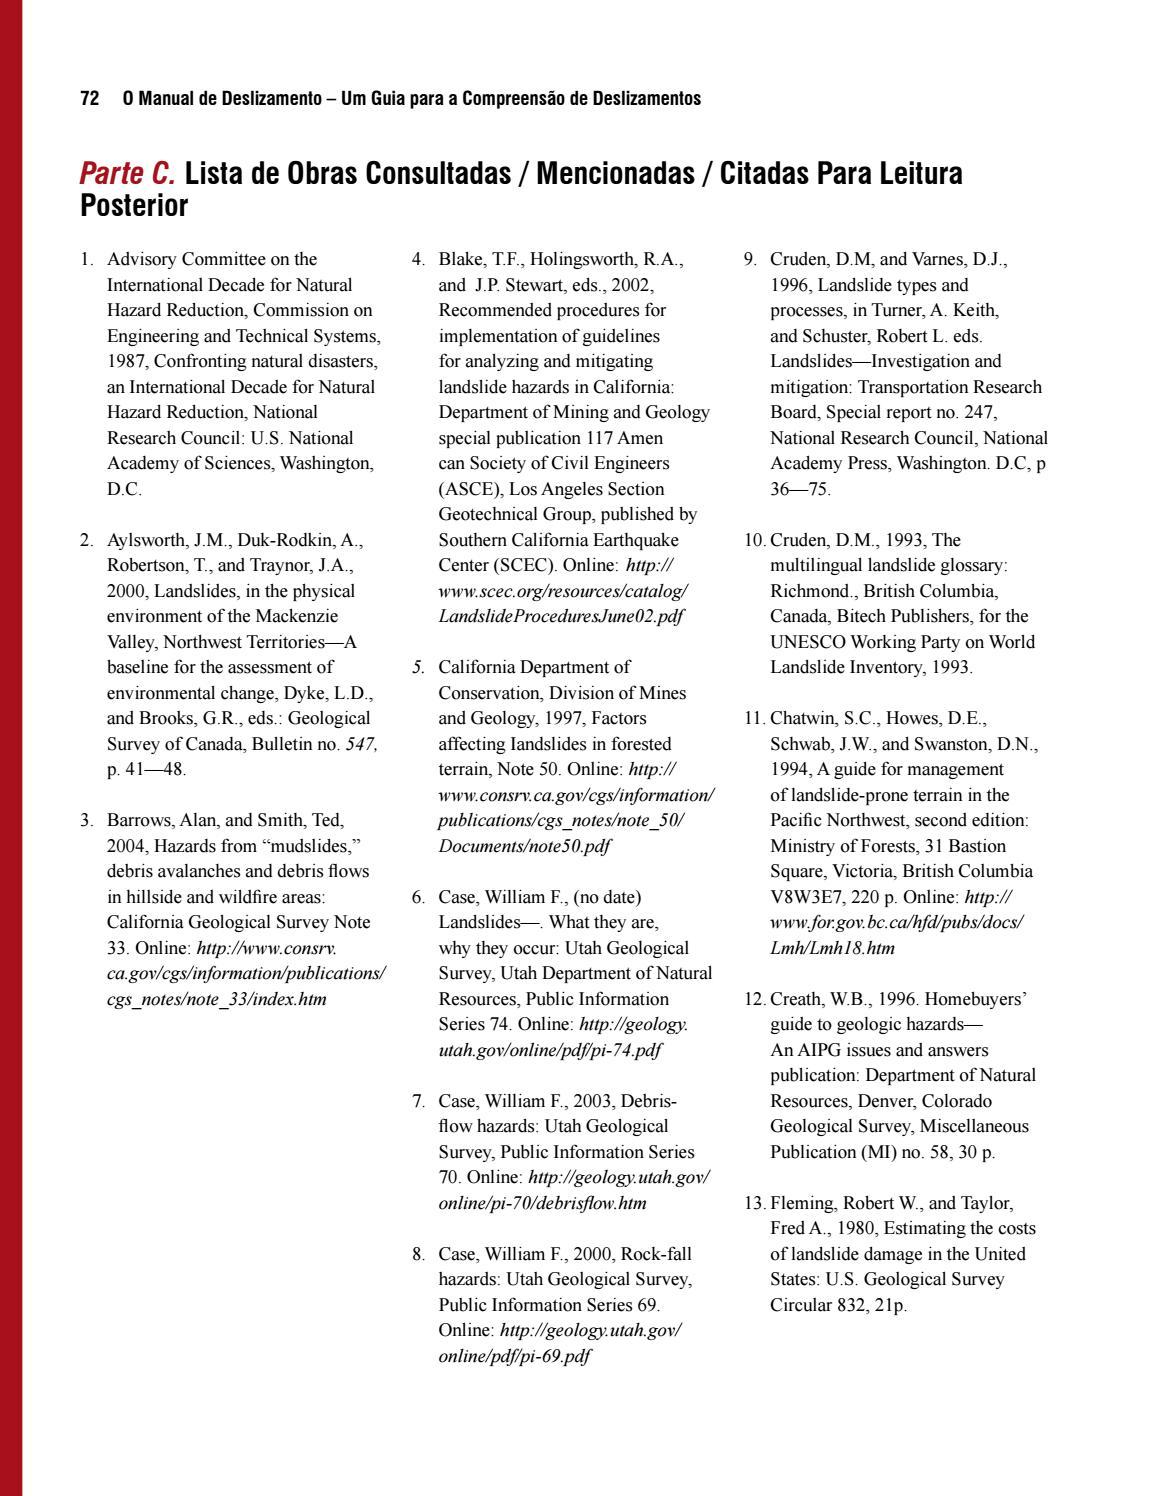 O manual de deslizamento – um guia para a compreensão de